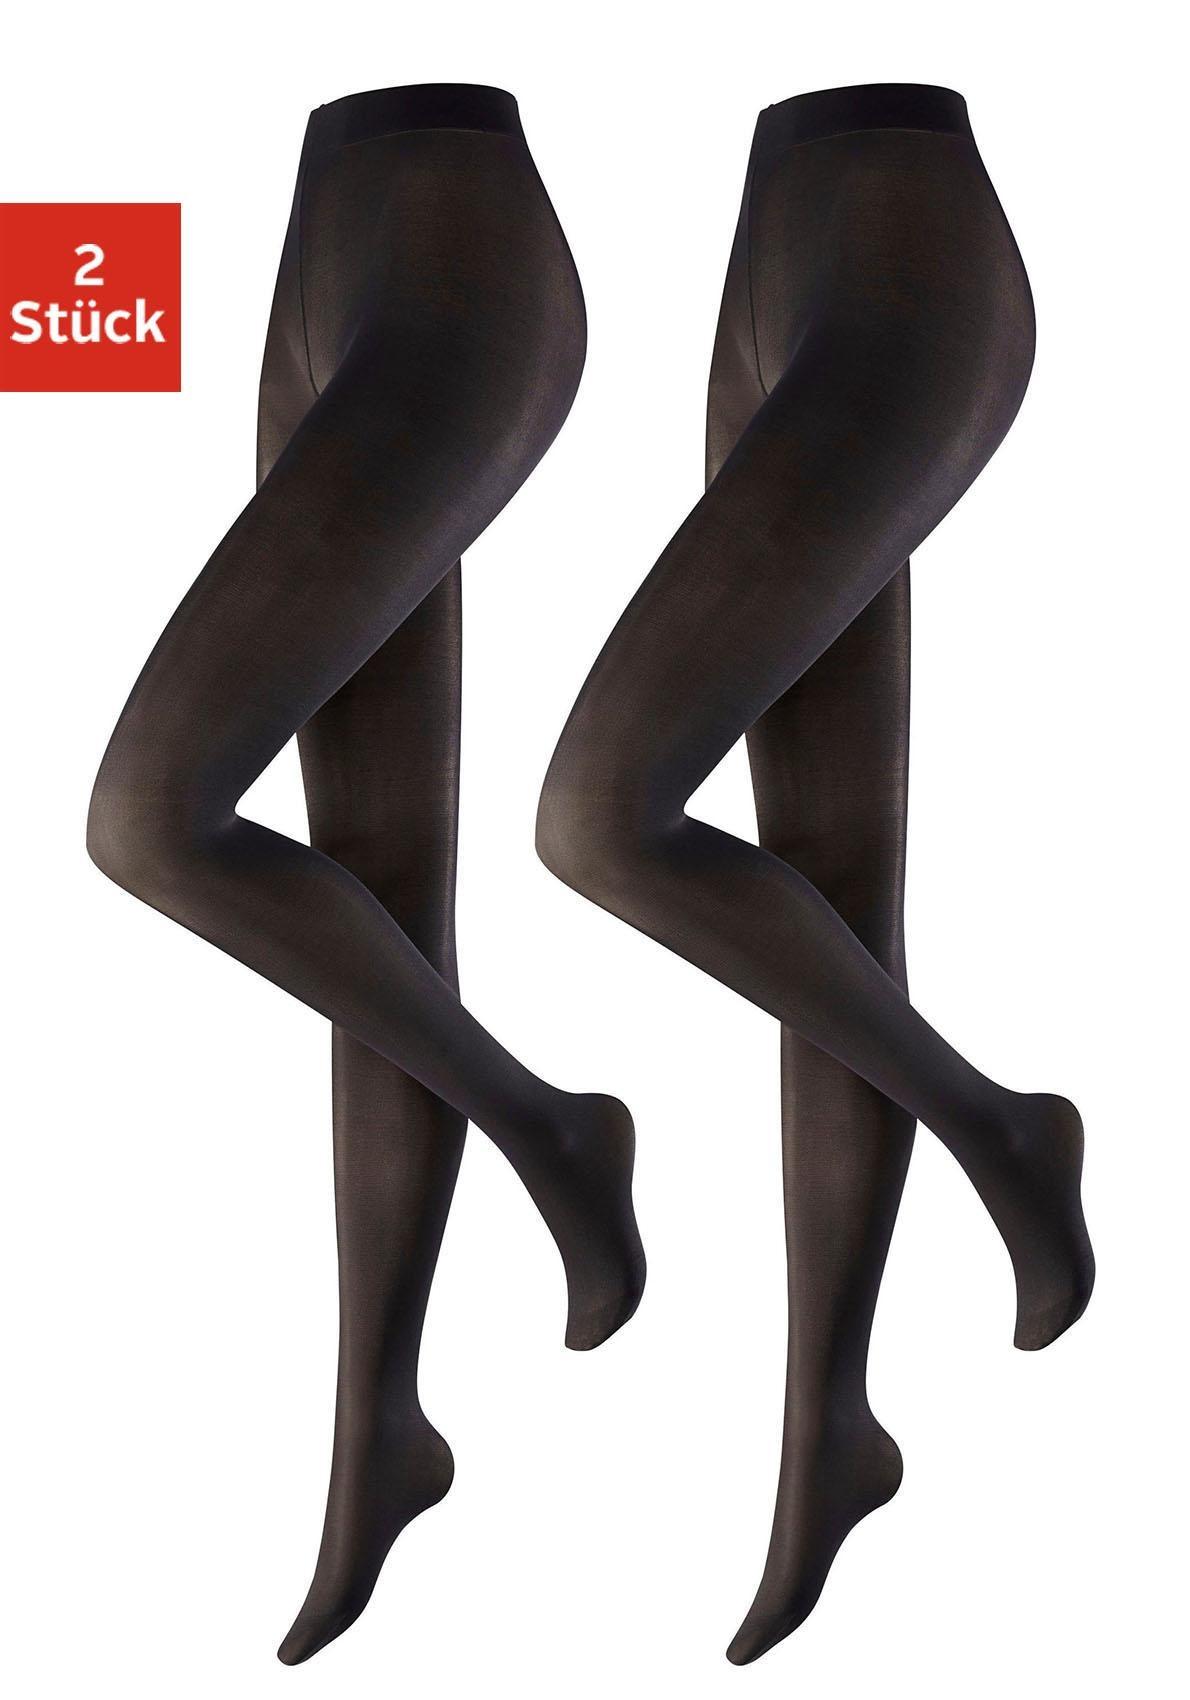 Hudson Feinstrumpfhose, 40 DEN, (2 St.), in DEN mit extrakomfortablem Bund schwarz Damen Feinstrumpfhosen Strumpfhosen Damenwäsche Feinstrumpfhose